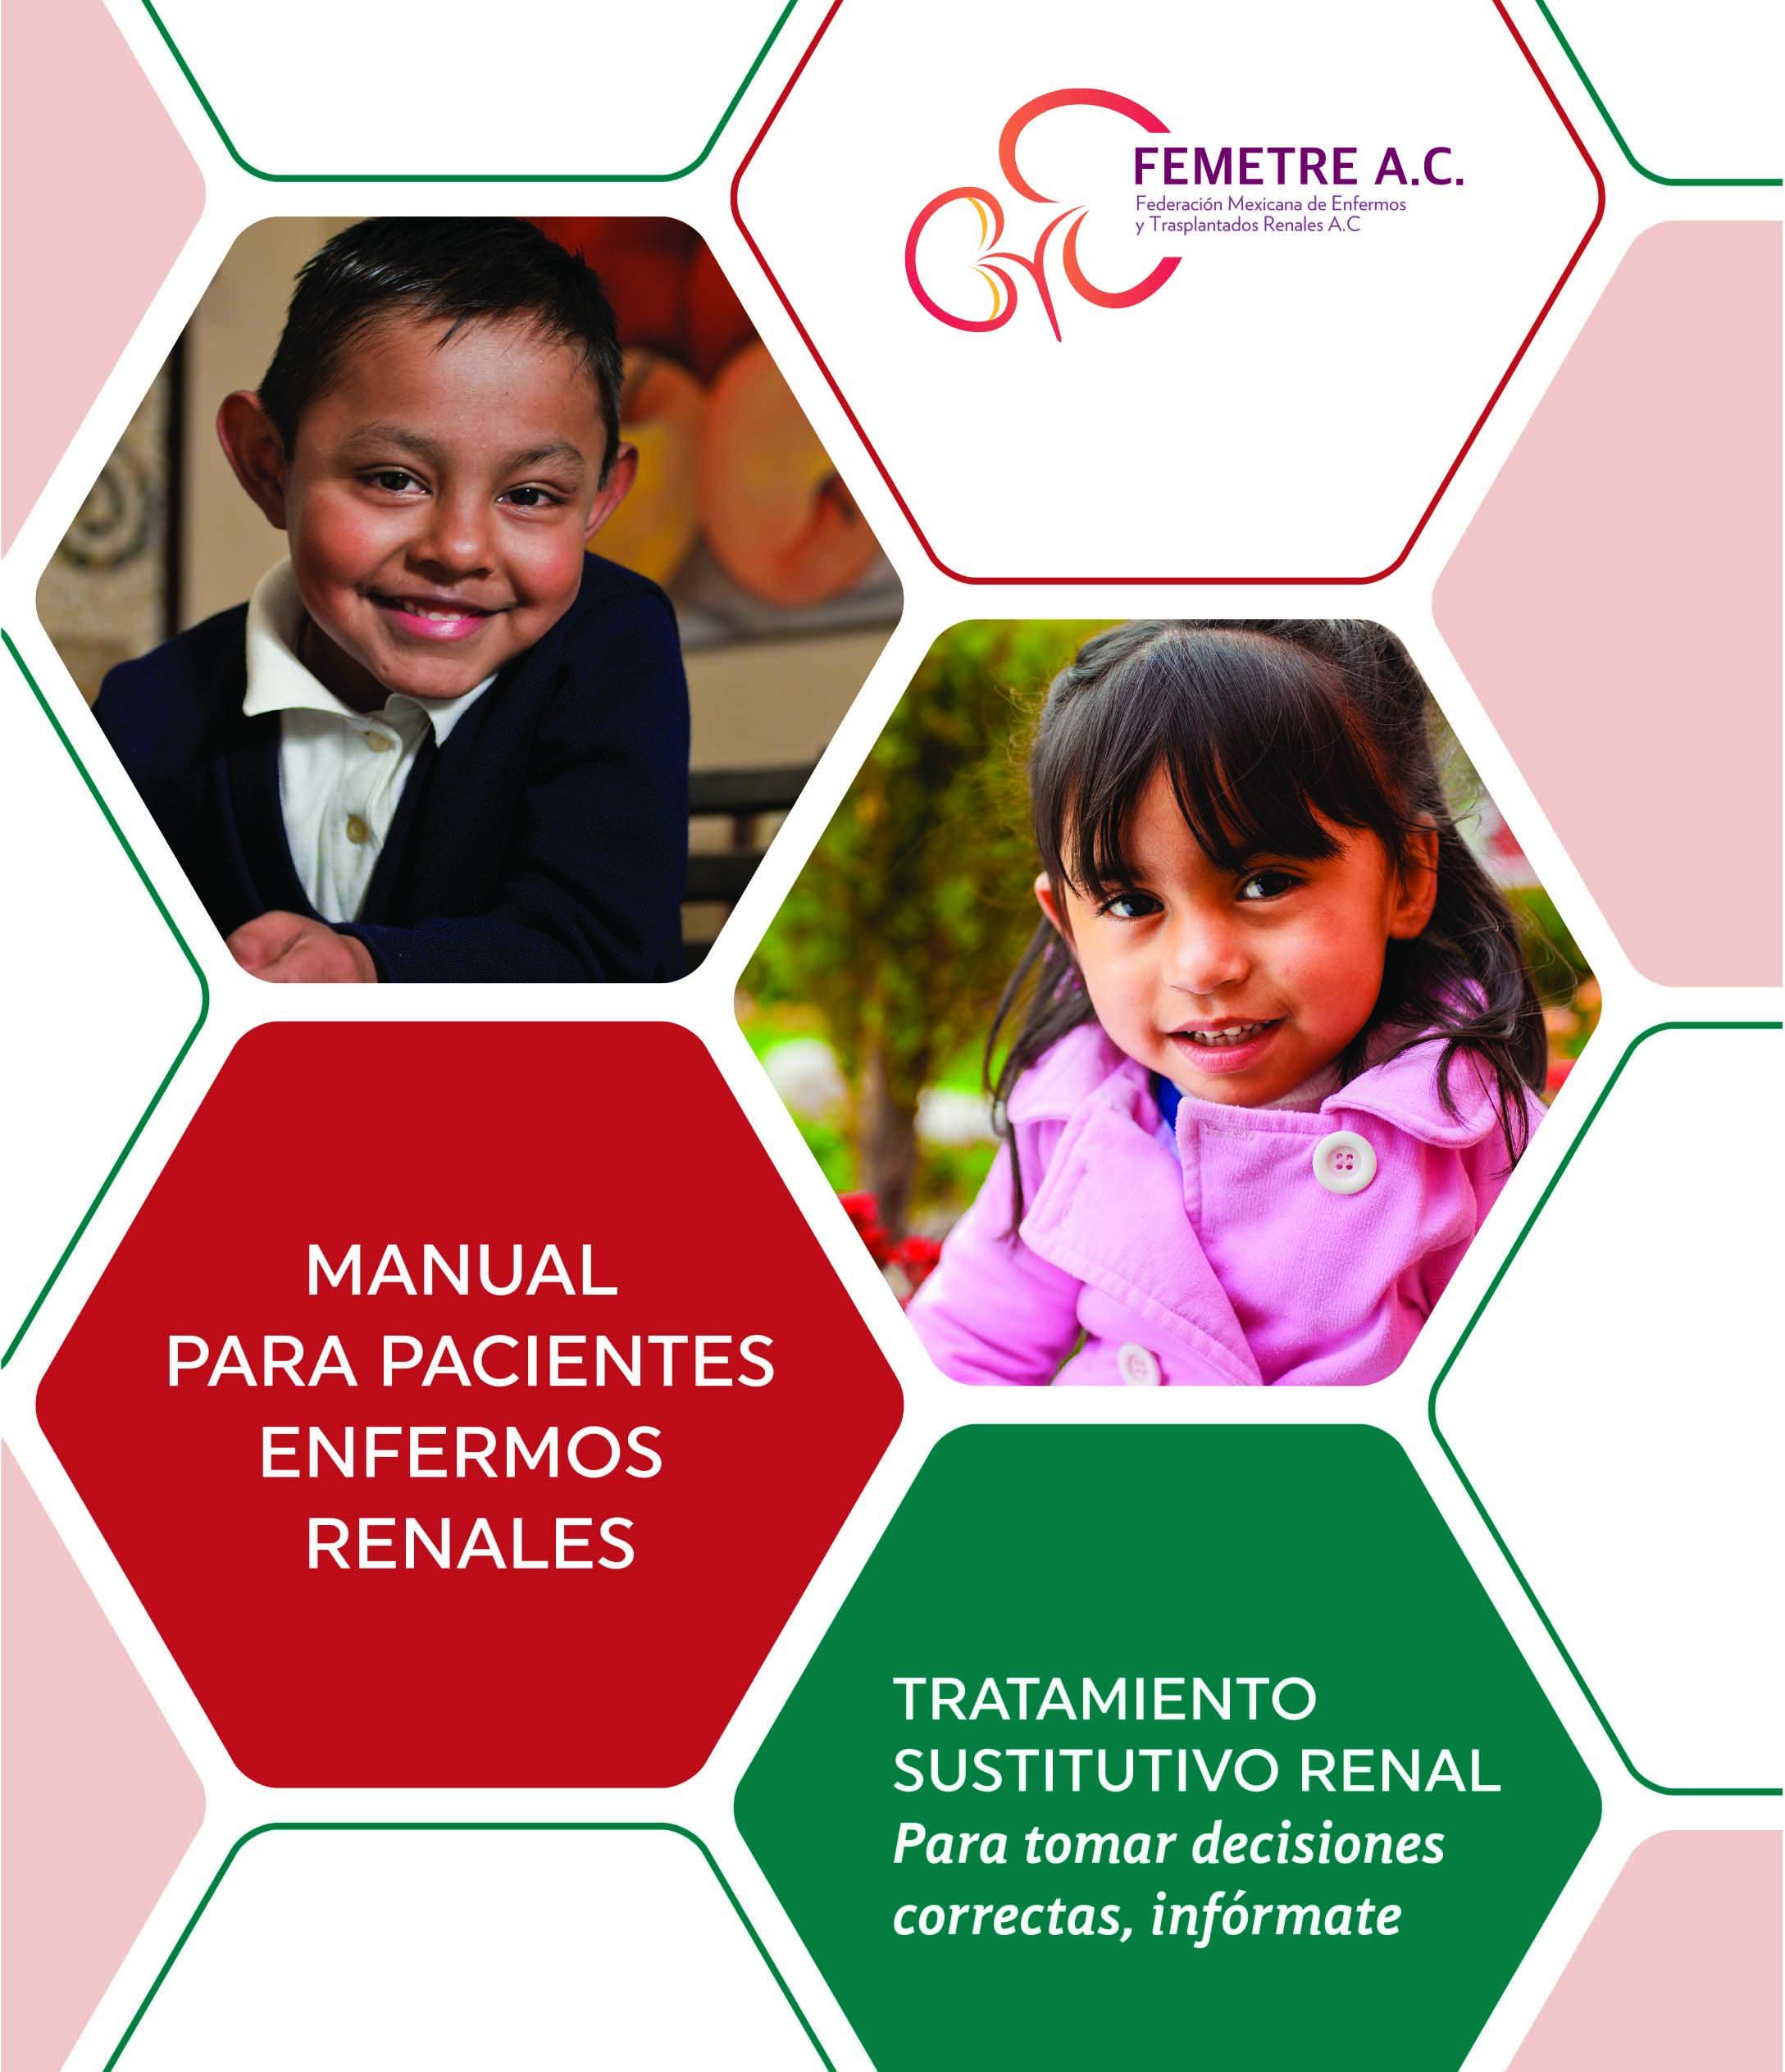 FEMETRE presenta Manual para Pacientes con Enfermedad Renal